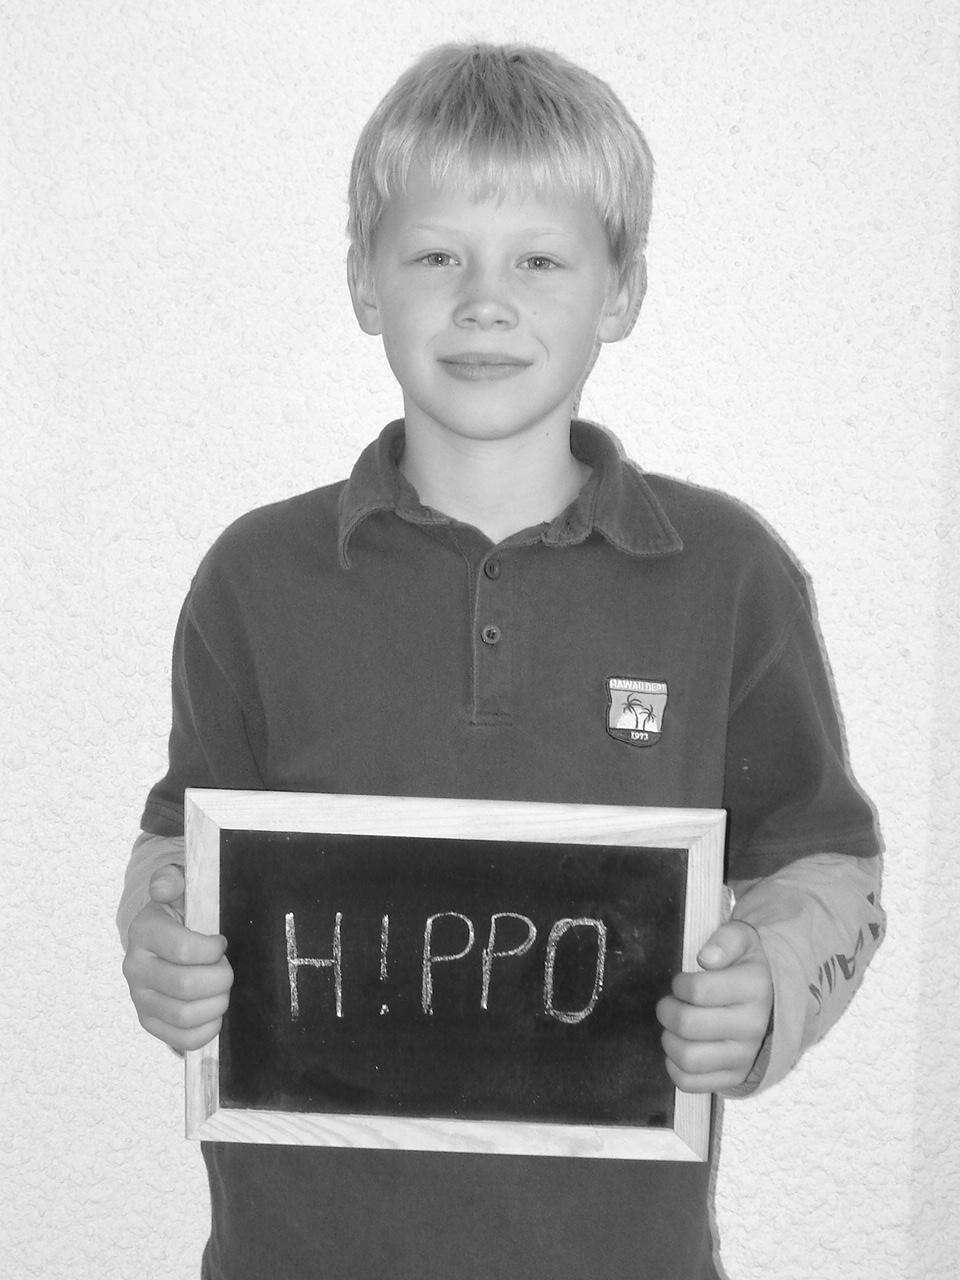 H!PP0